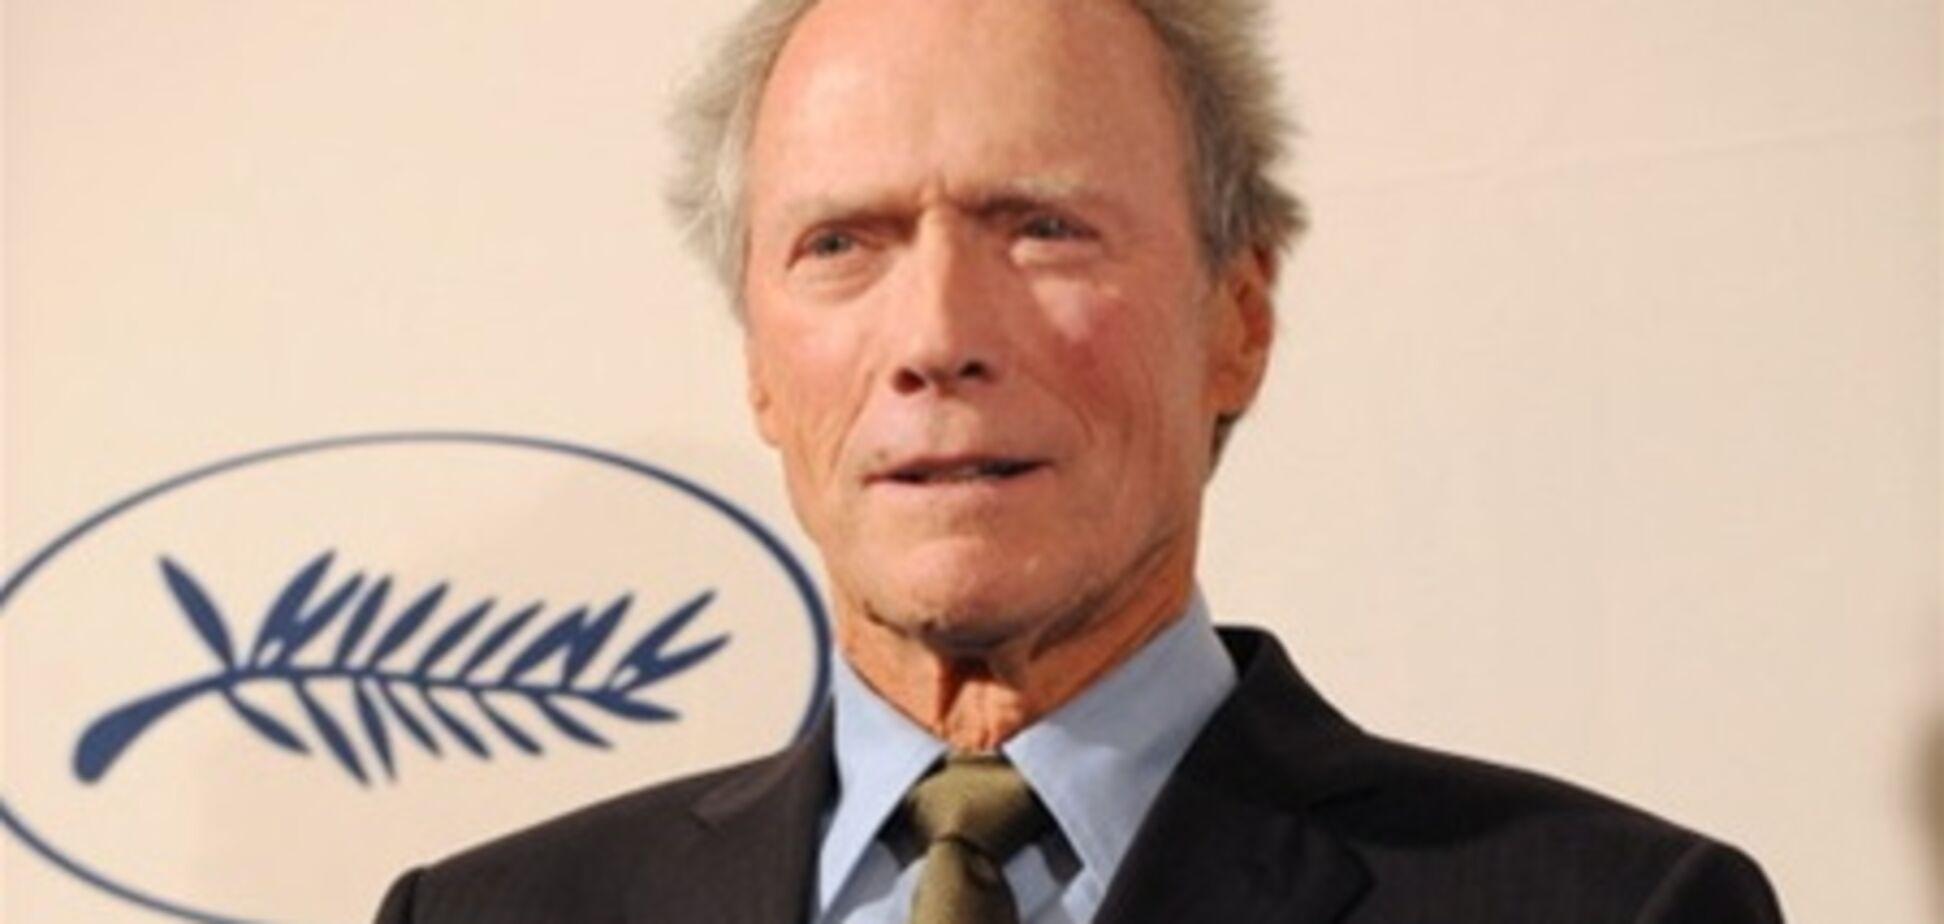 Клінт Іствуд підтримав Мітта Ромні: США потребують підйомі